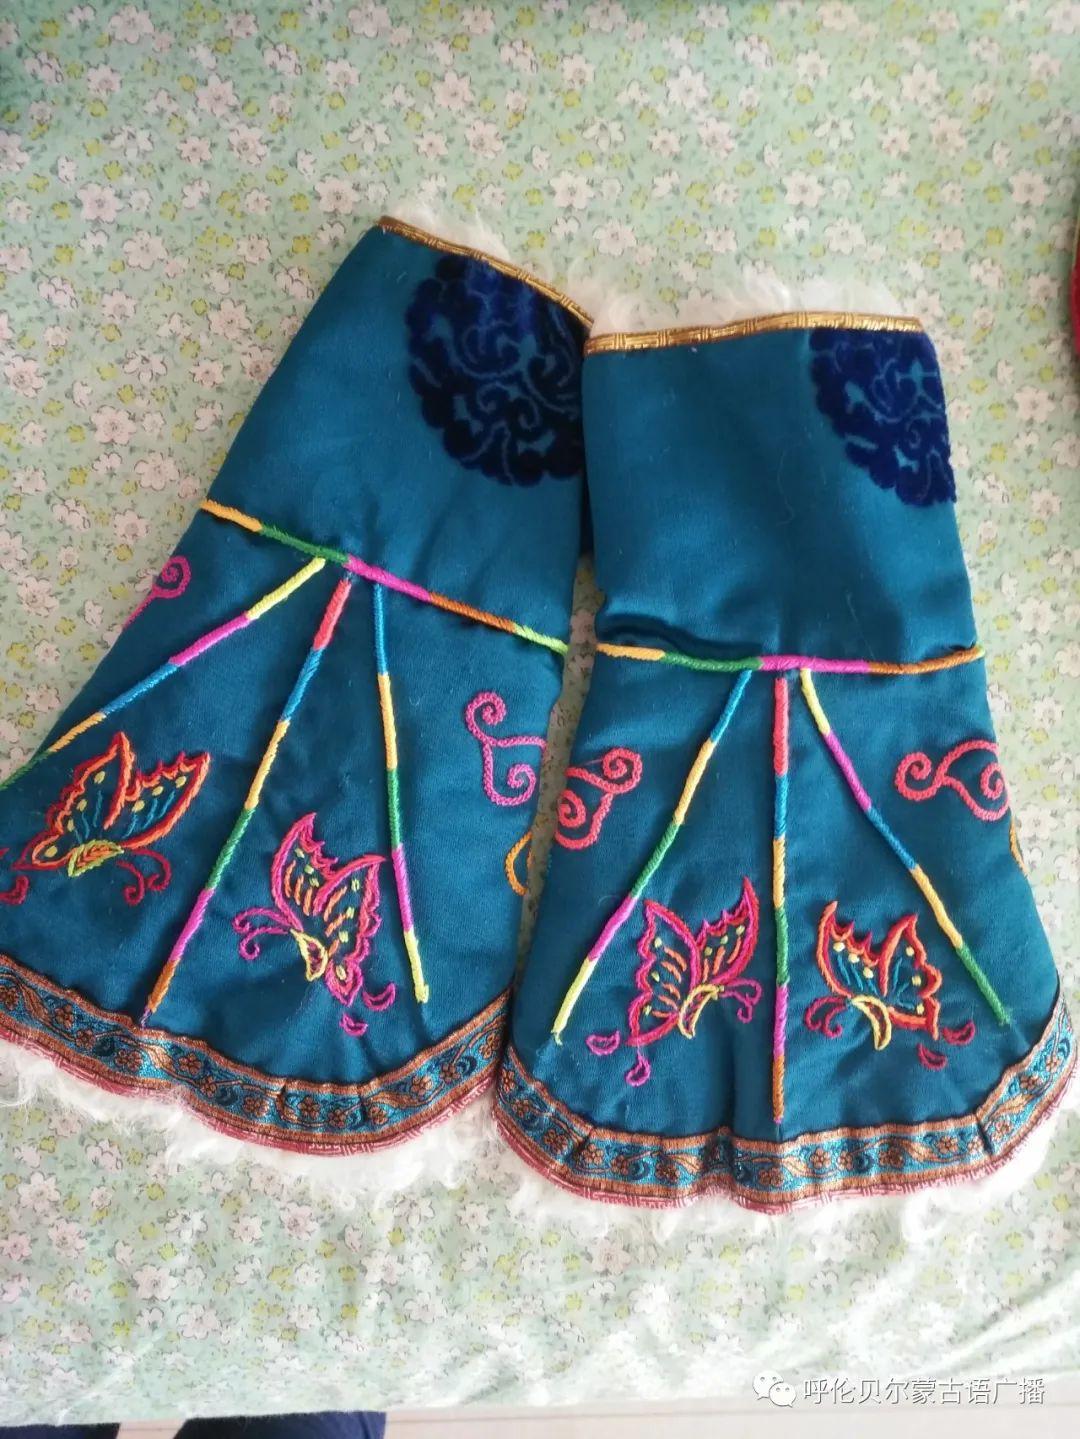 传统陈巴尔虎袍子传承人—敖登高娃 第10张 传统陈巴尔虎袍子传承人—敖登高娃 蒙古服饰